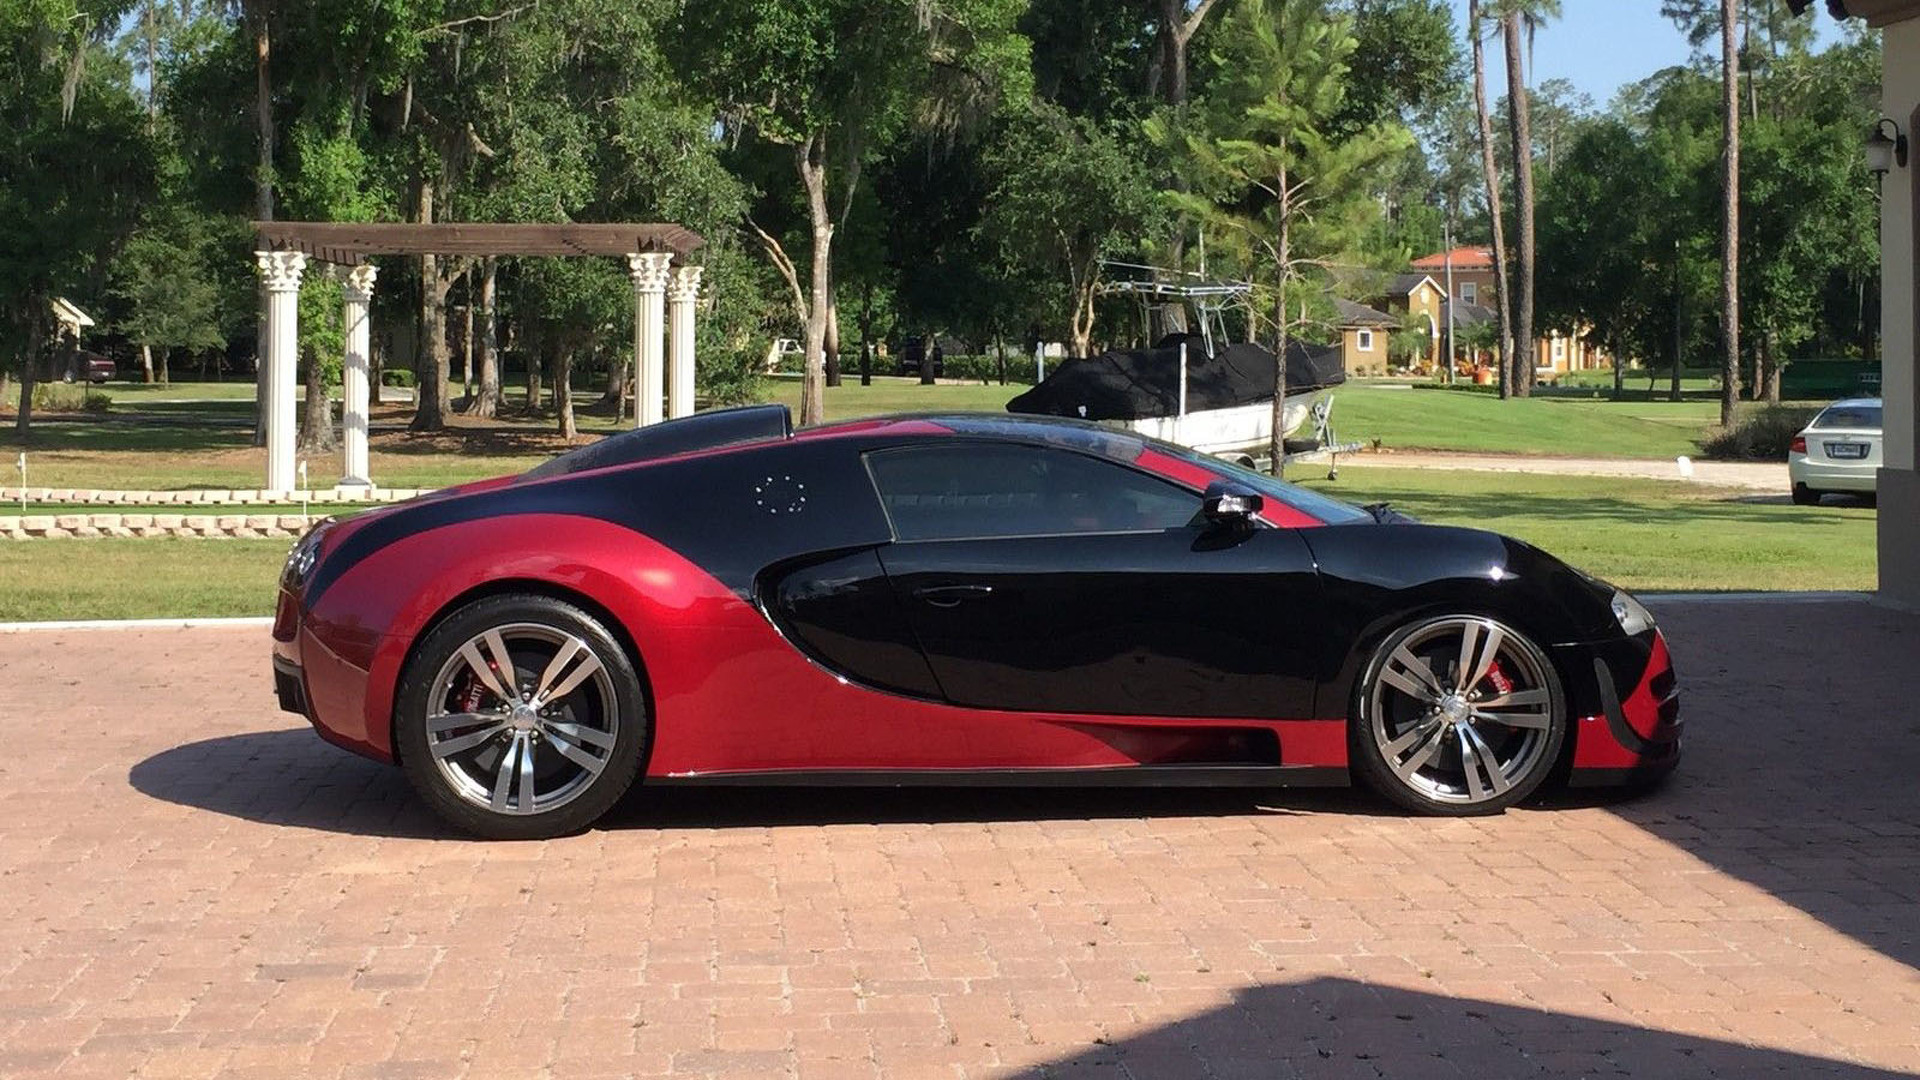 bugatti veyron replica. Black Bedroom Furniture Sets. Home Design Ideas